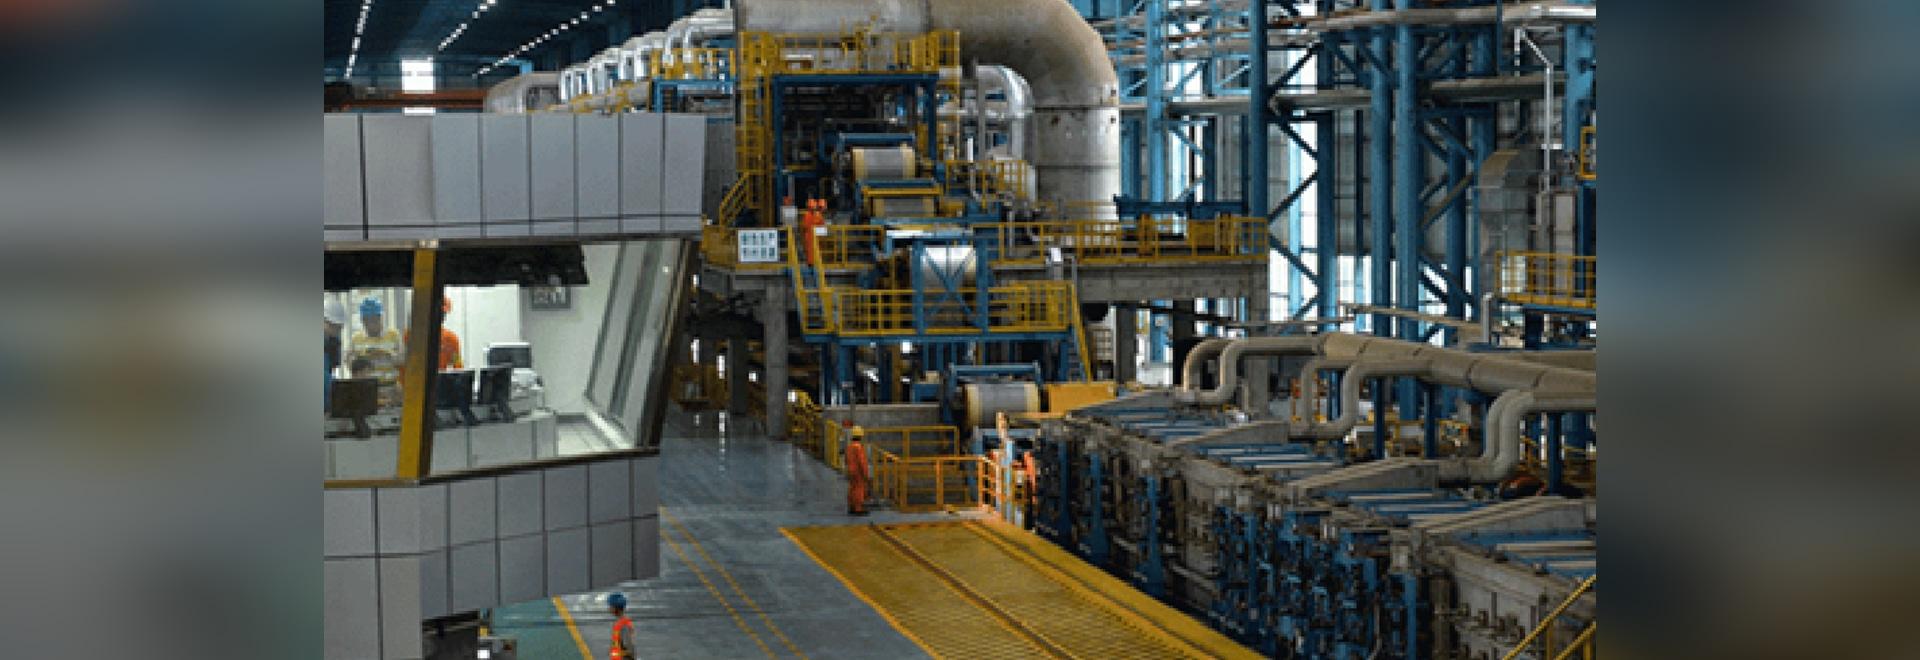 Application du détecteur de niveau de liquide à lames vibrantes Ring-21 dans le contrôle du niveau d'eau du four à rouleaux